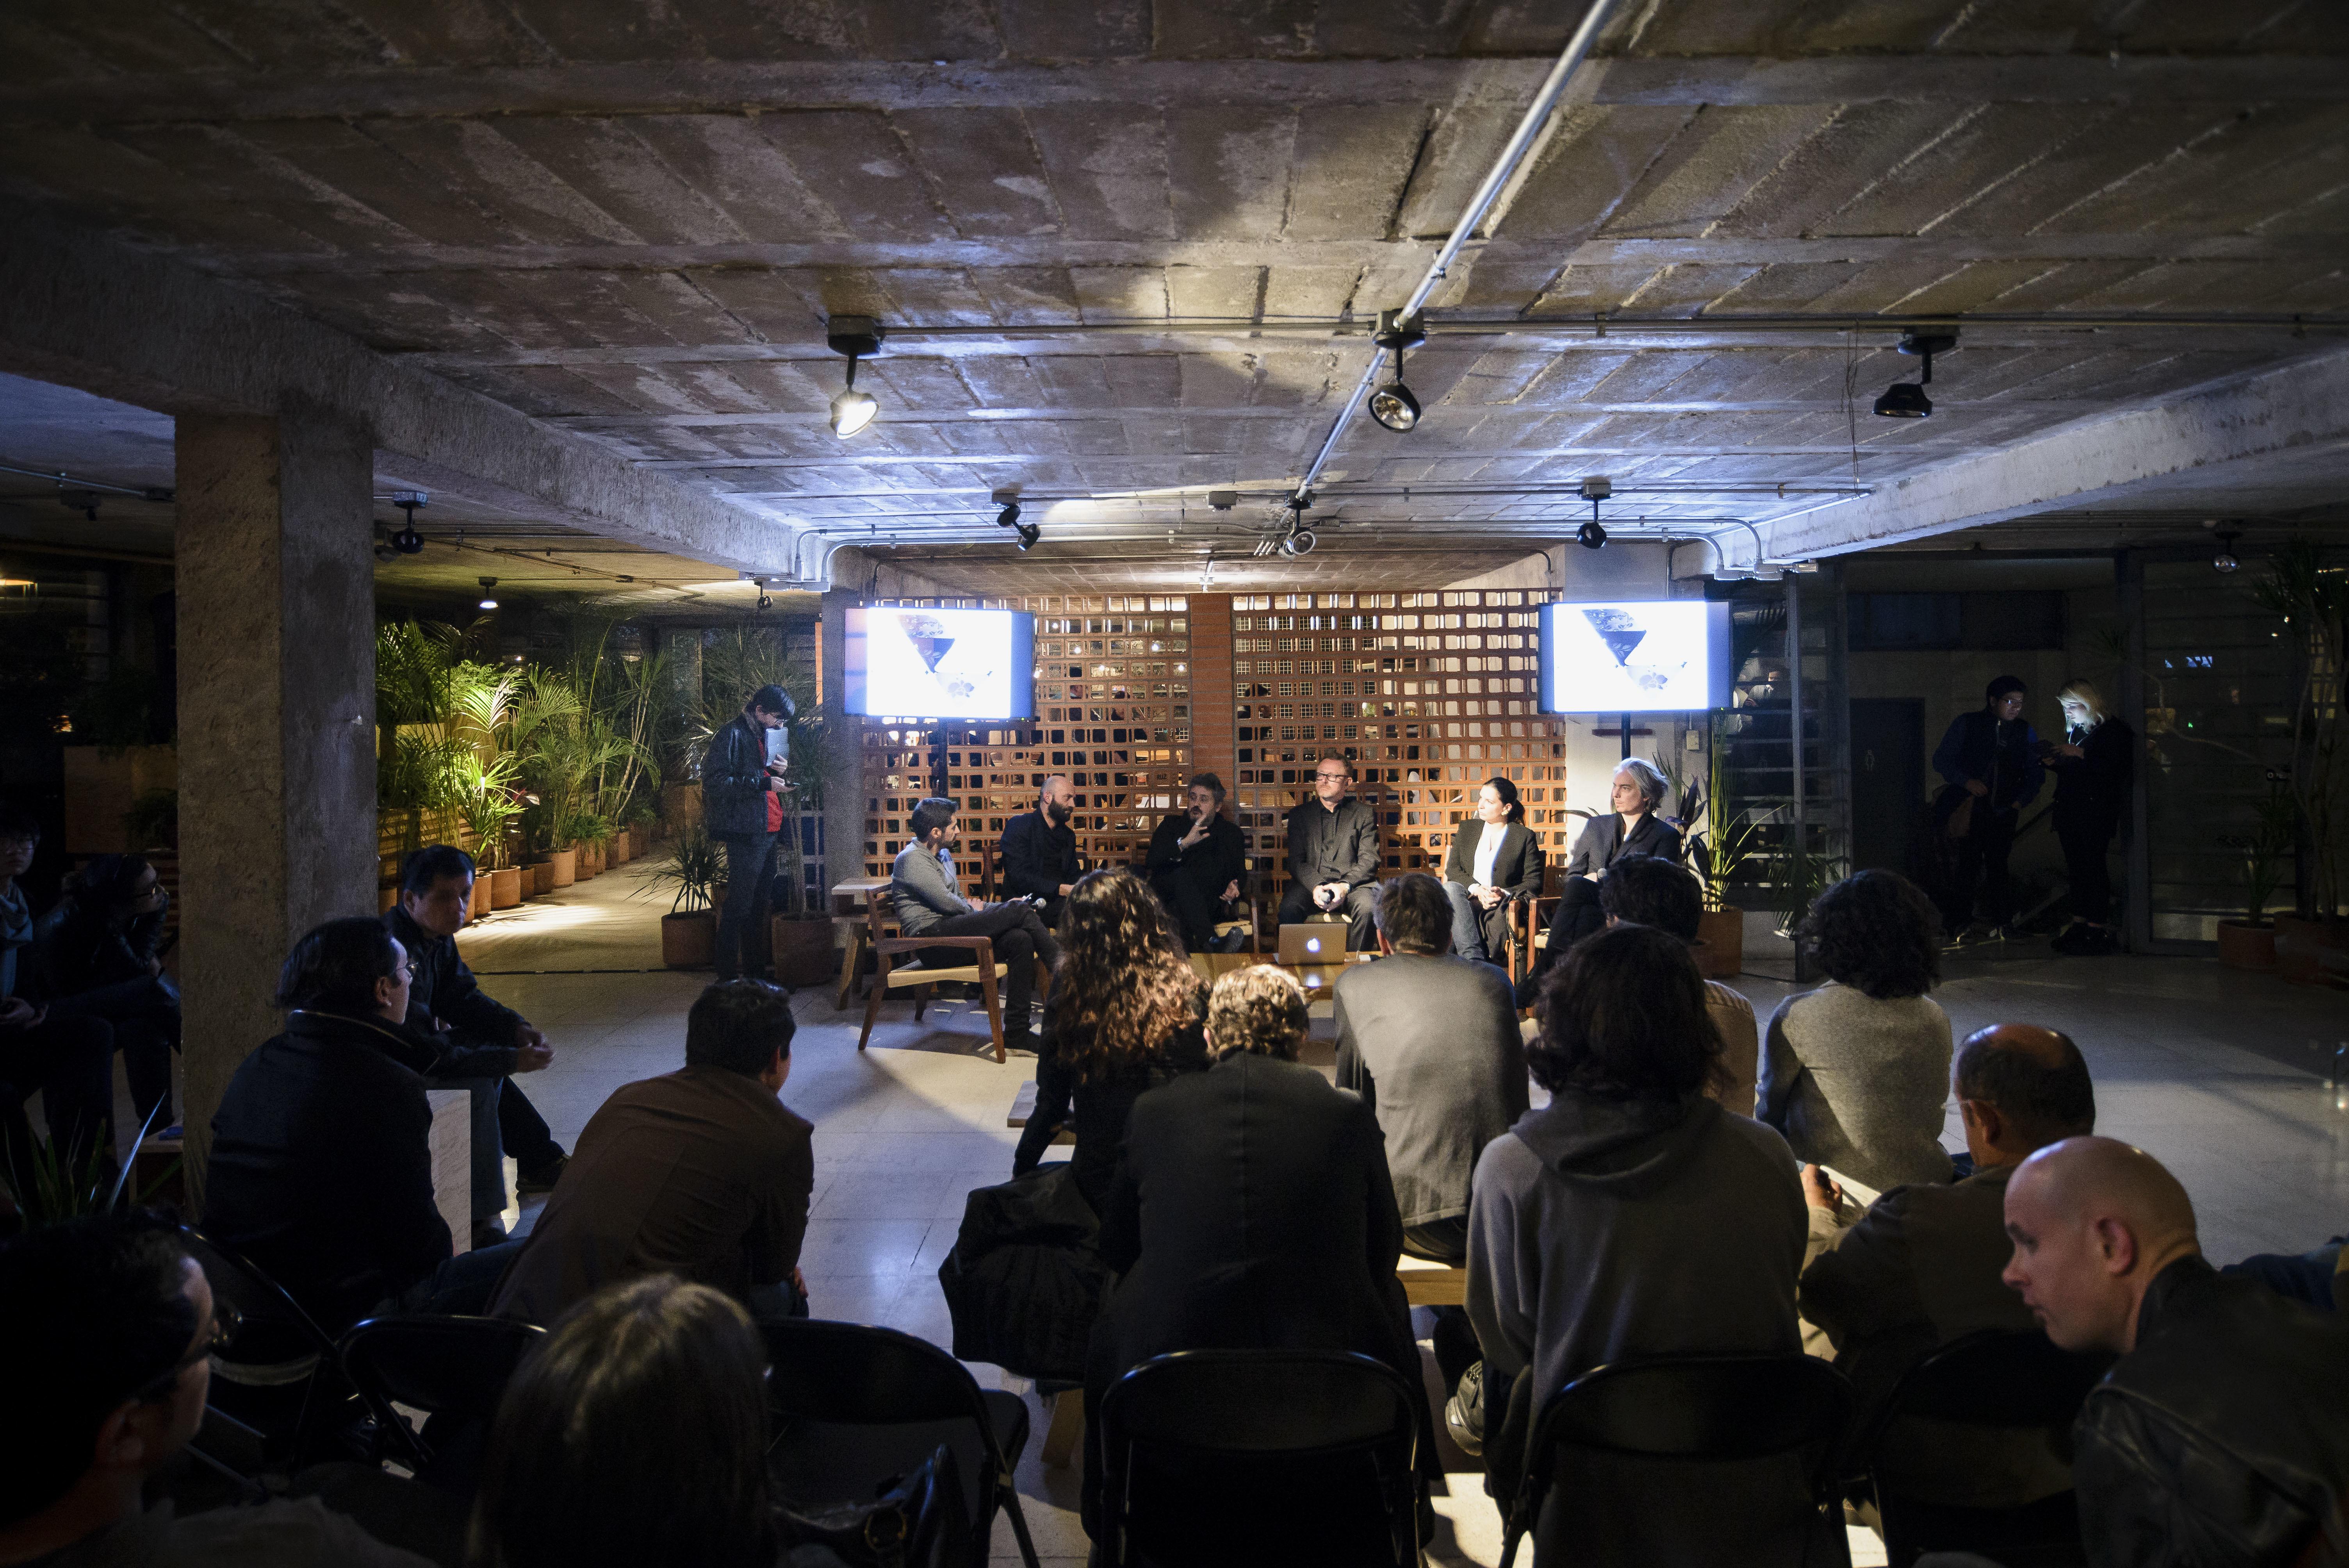 Sciarc Mexico Mextropoli panel discussion